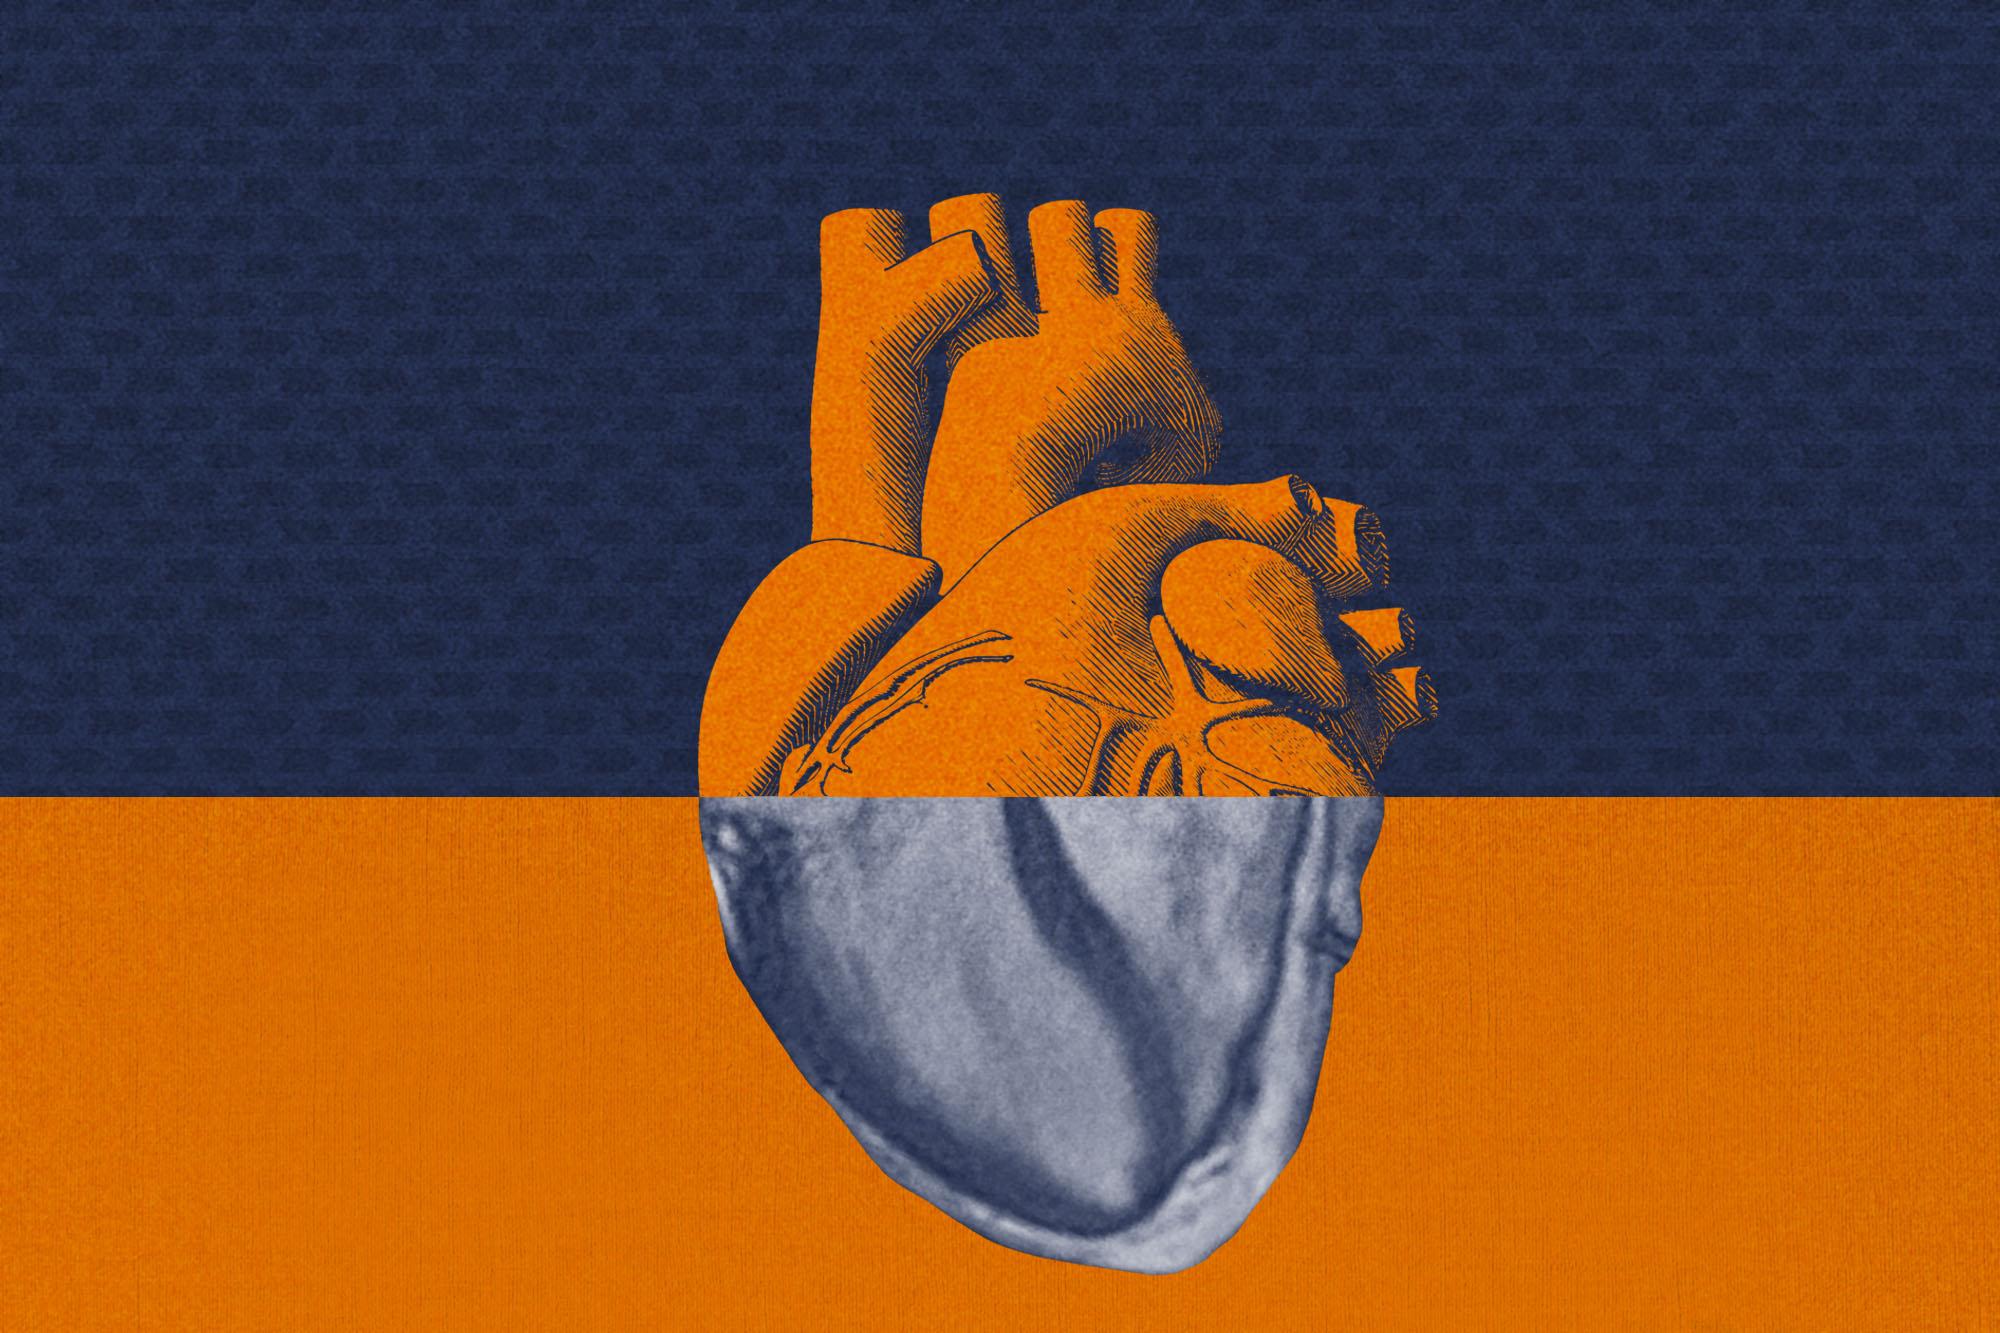 Вчені розробили нову технологію штучного інтелекту, яка здатна змінити якість візуалізації серця